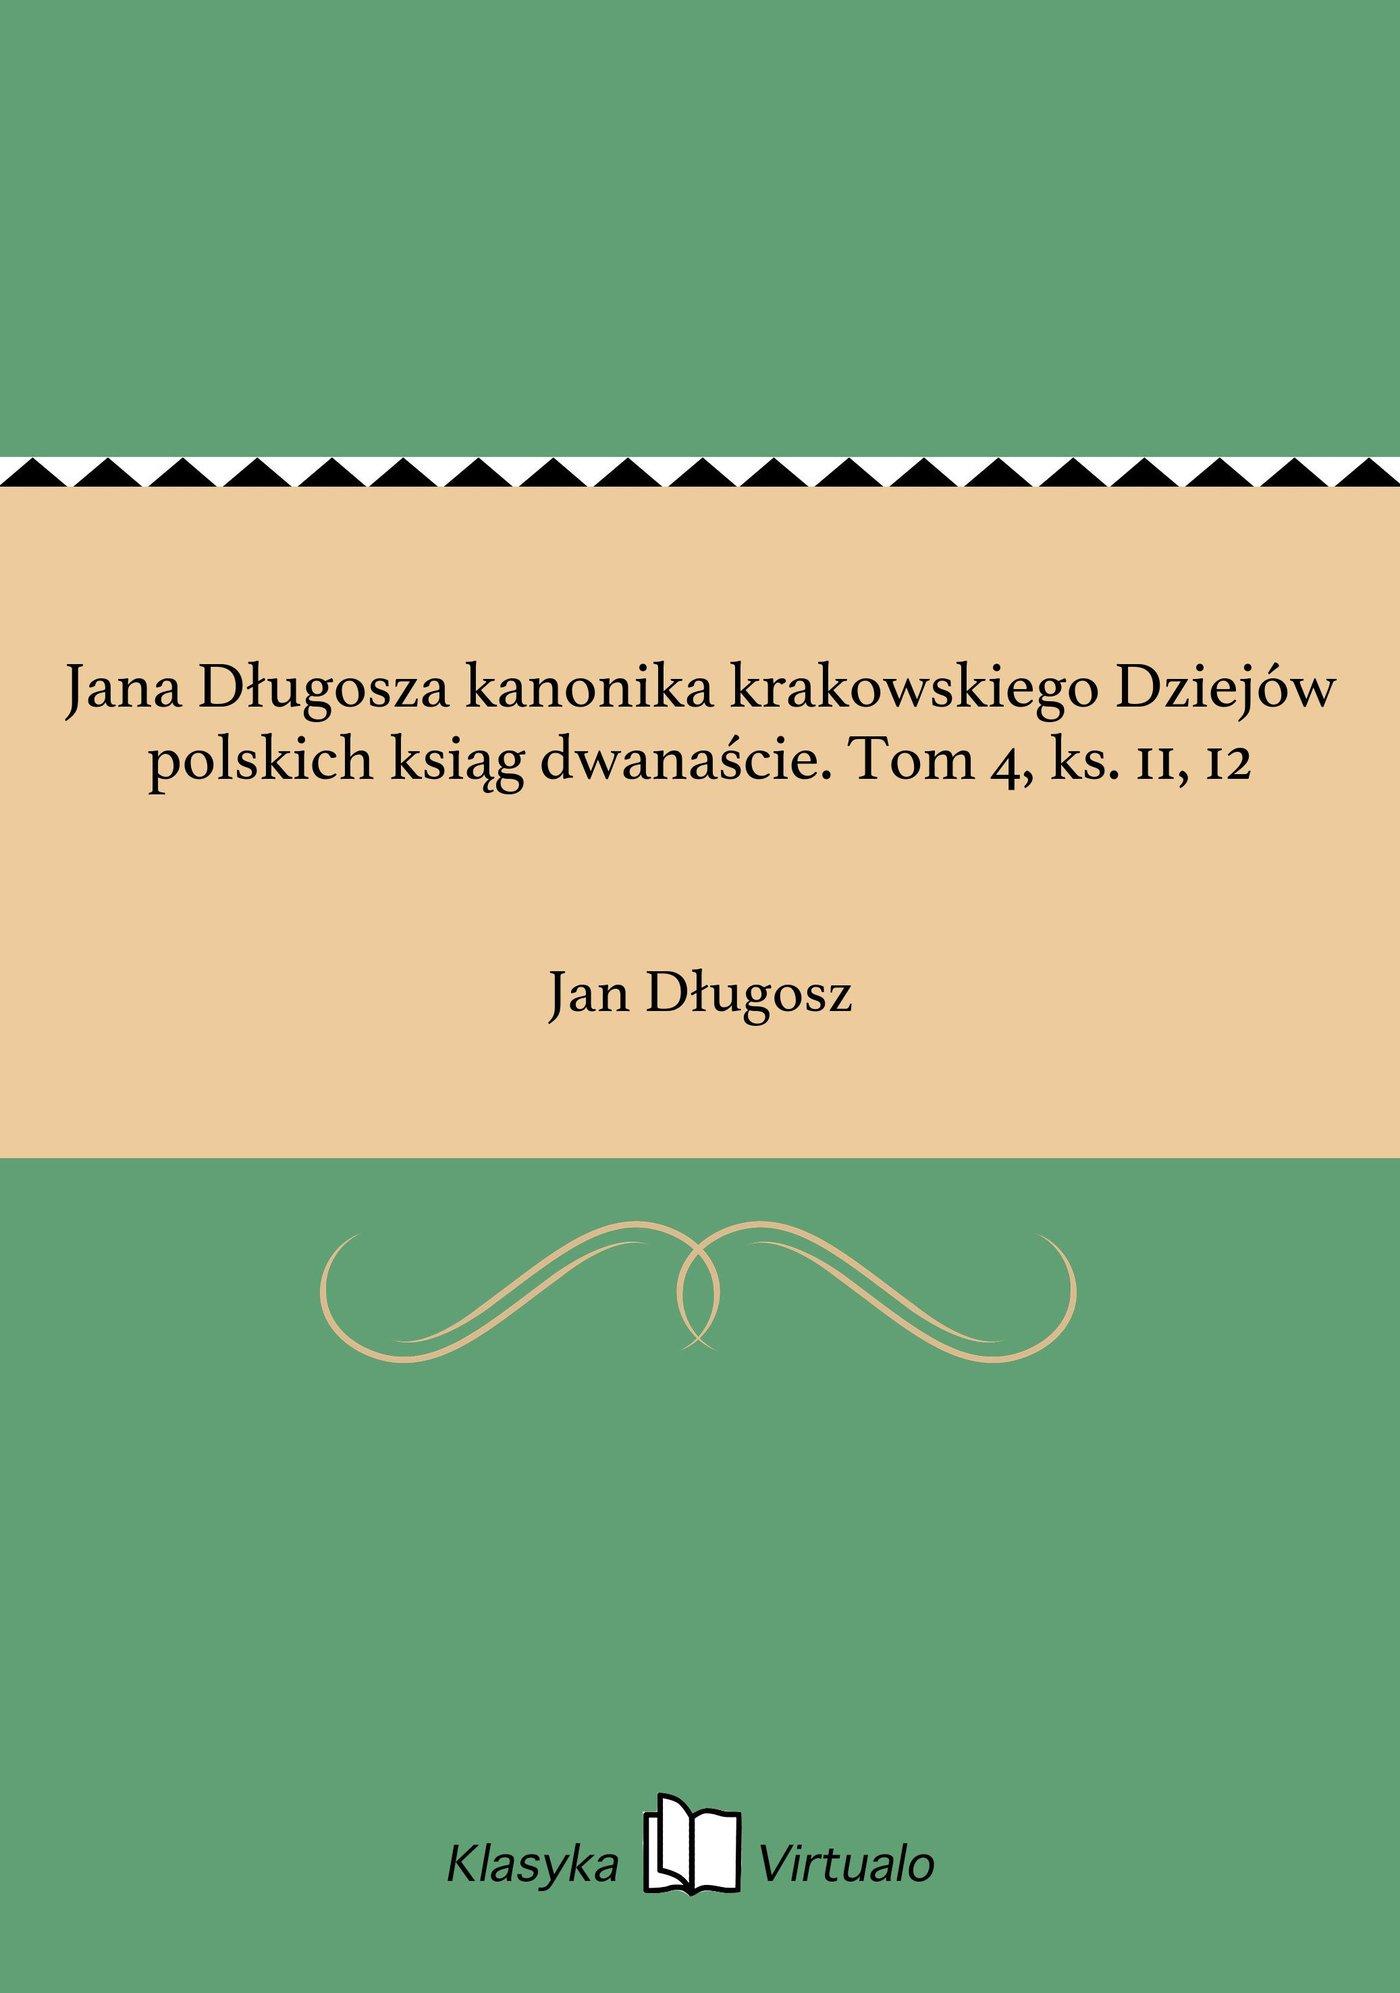 Jana Długosza kanonika krakowskiego Dziejów polskich ksiąg dwanaście. Tom 4, ks. 11, 12 - Ebook (Książka EPUB) do pobrania w formacie EPUB